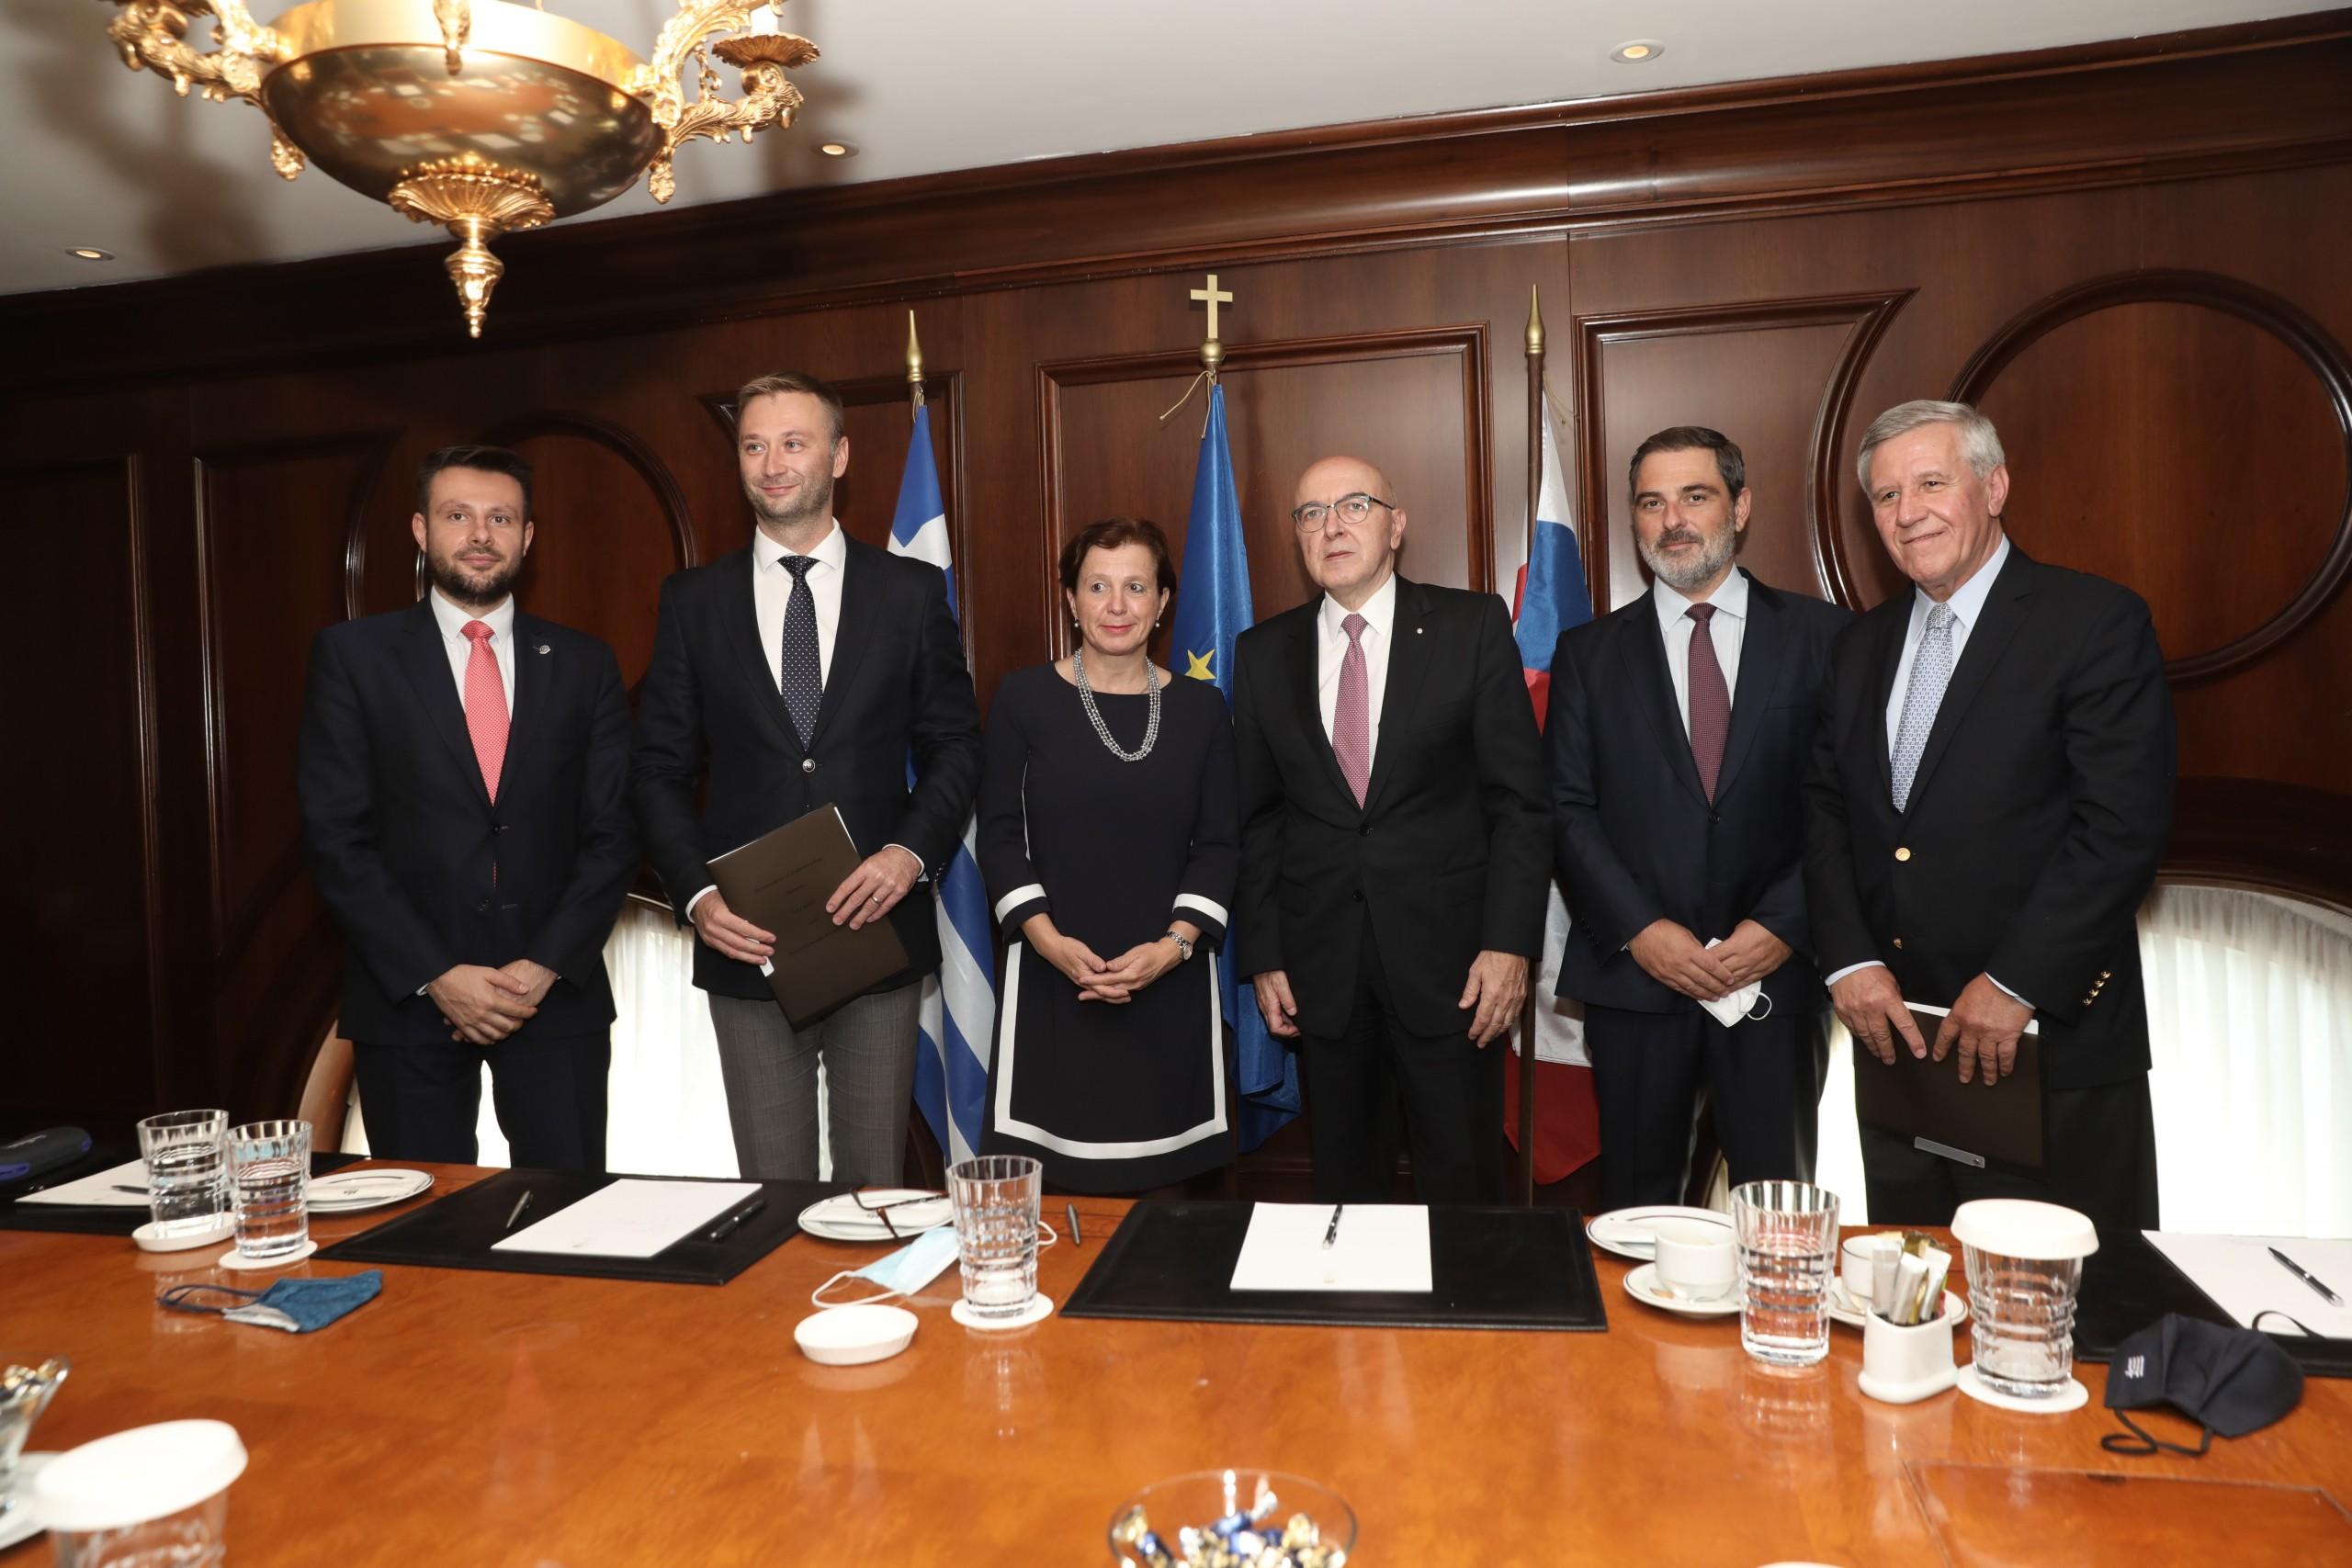 Οικονομικό Φόρουμ Δελφών: Συνεργασία με το μεγαλύτερο think tank της Κεντρικής και ΝΑ Ευρώπης